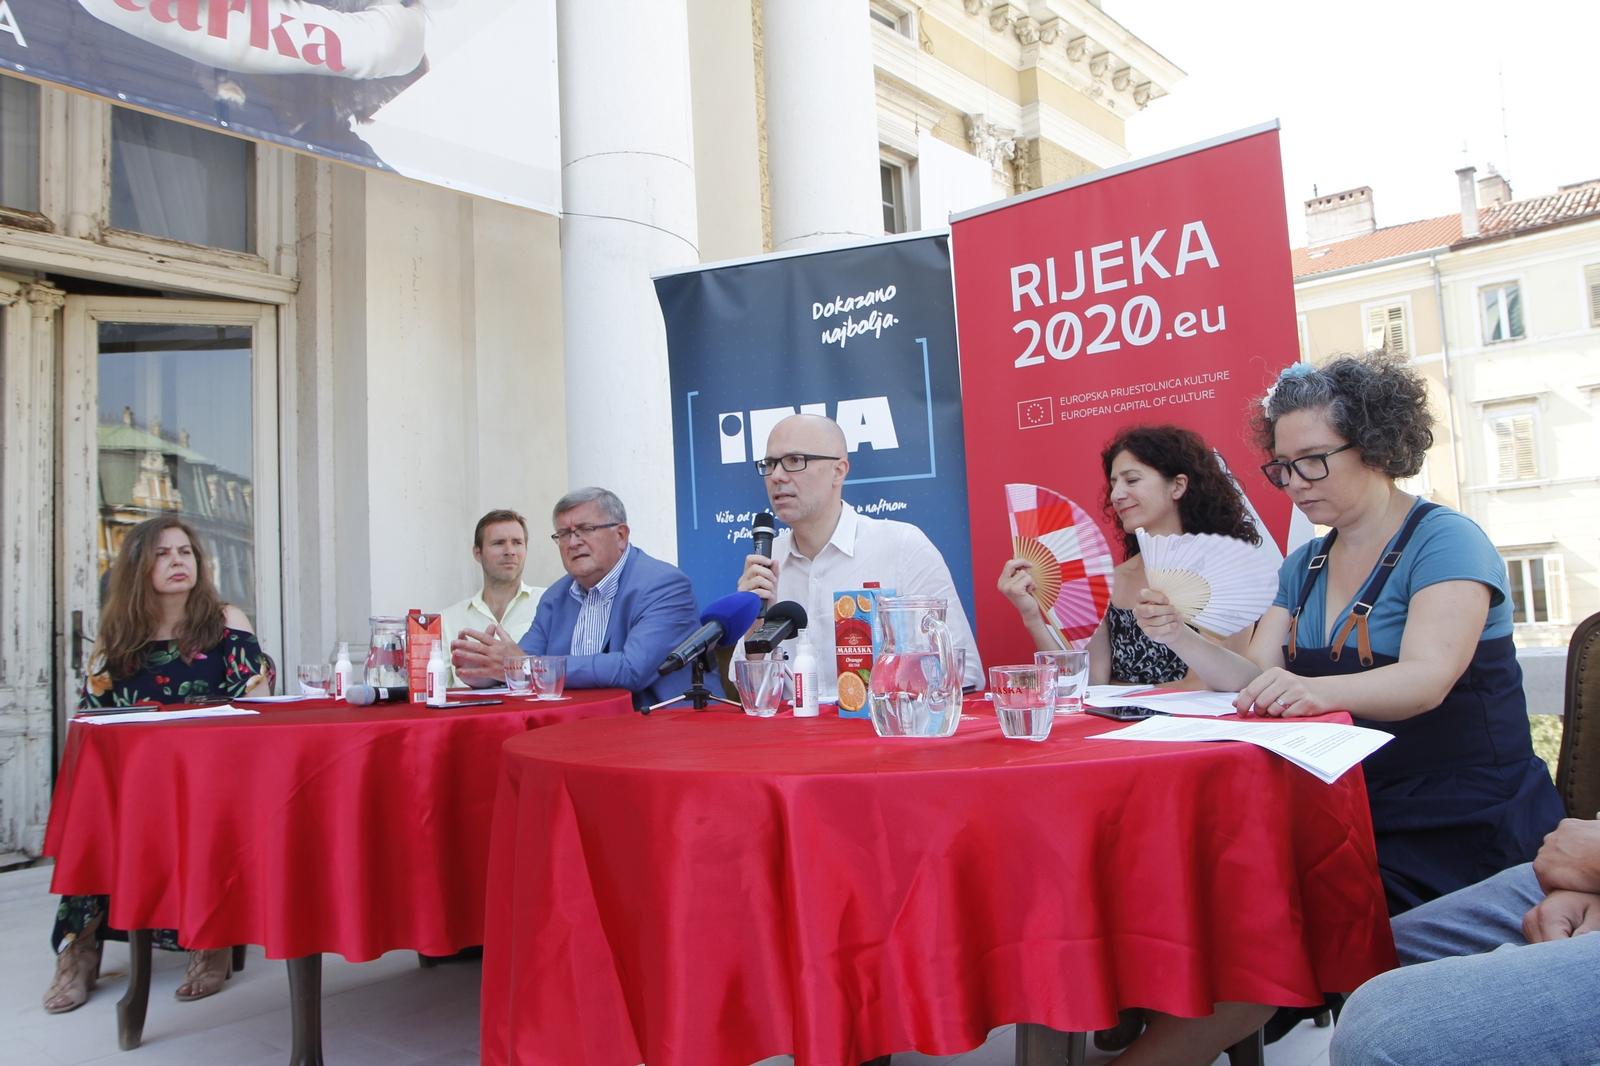 """Najavljena nova sezona u """"Zajcu"""": planiran ambiciozni programski """"opstanak"""""""